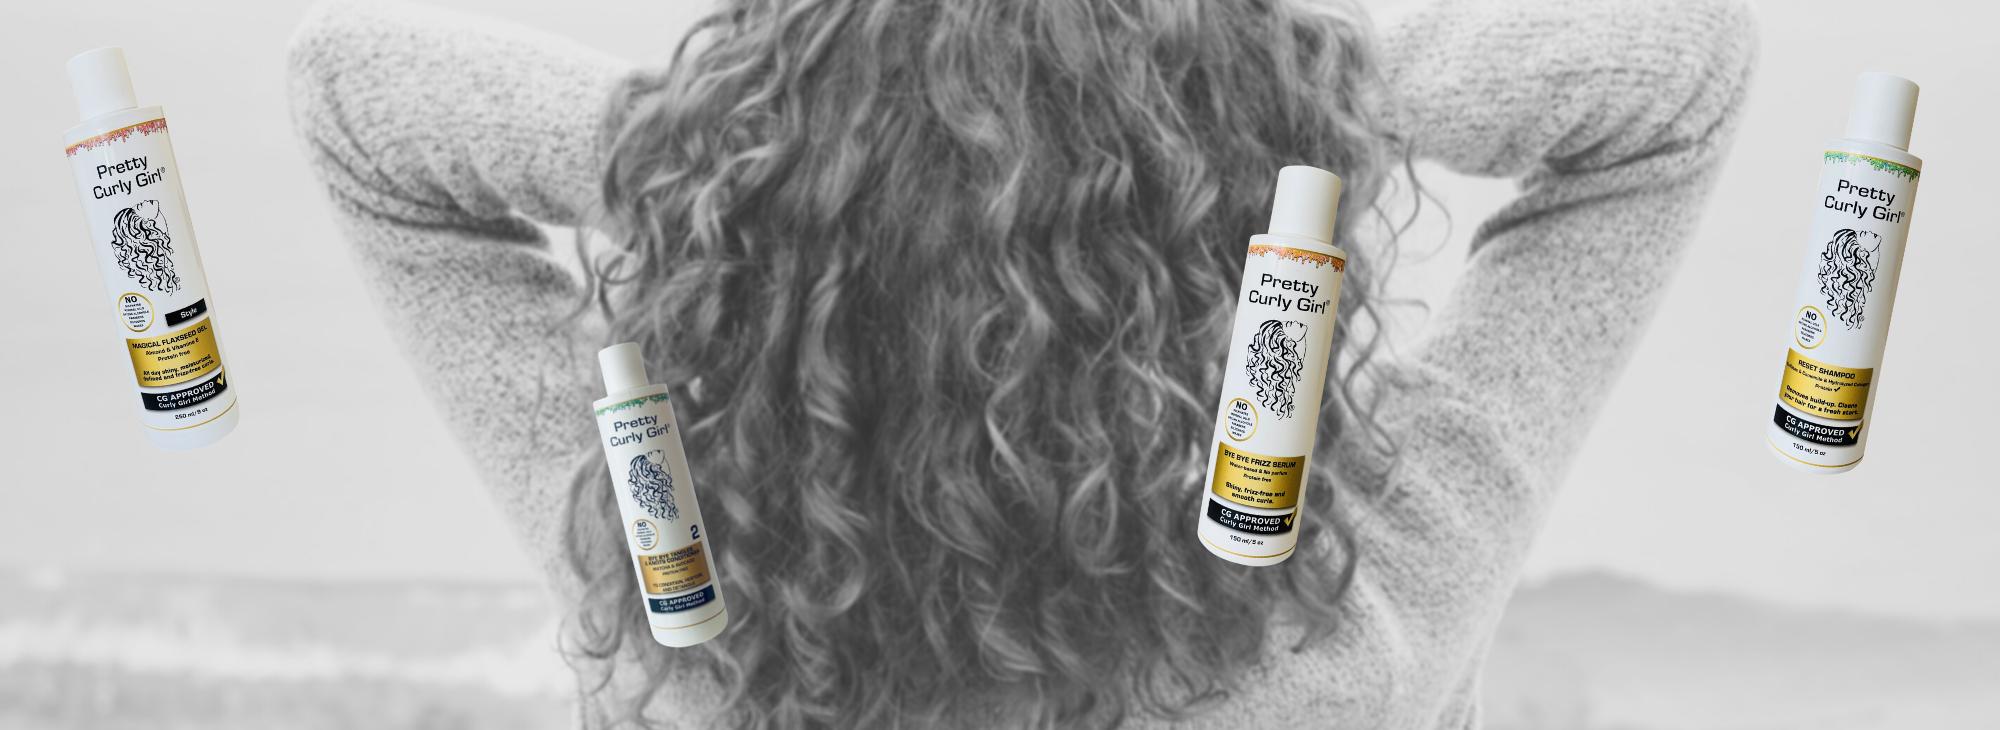 3 žingsnių stebuklingų plaukų rutina su Pretty Curly Girl produktais